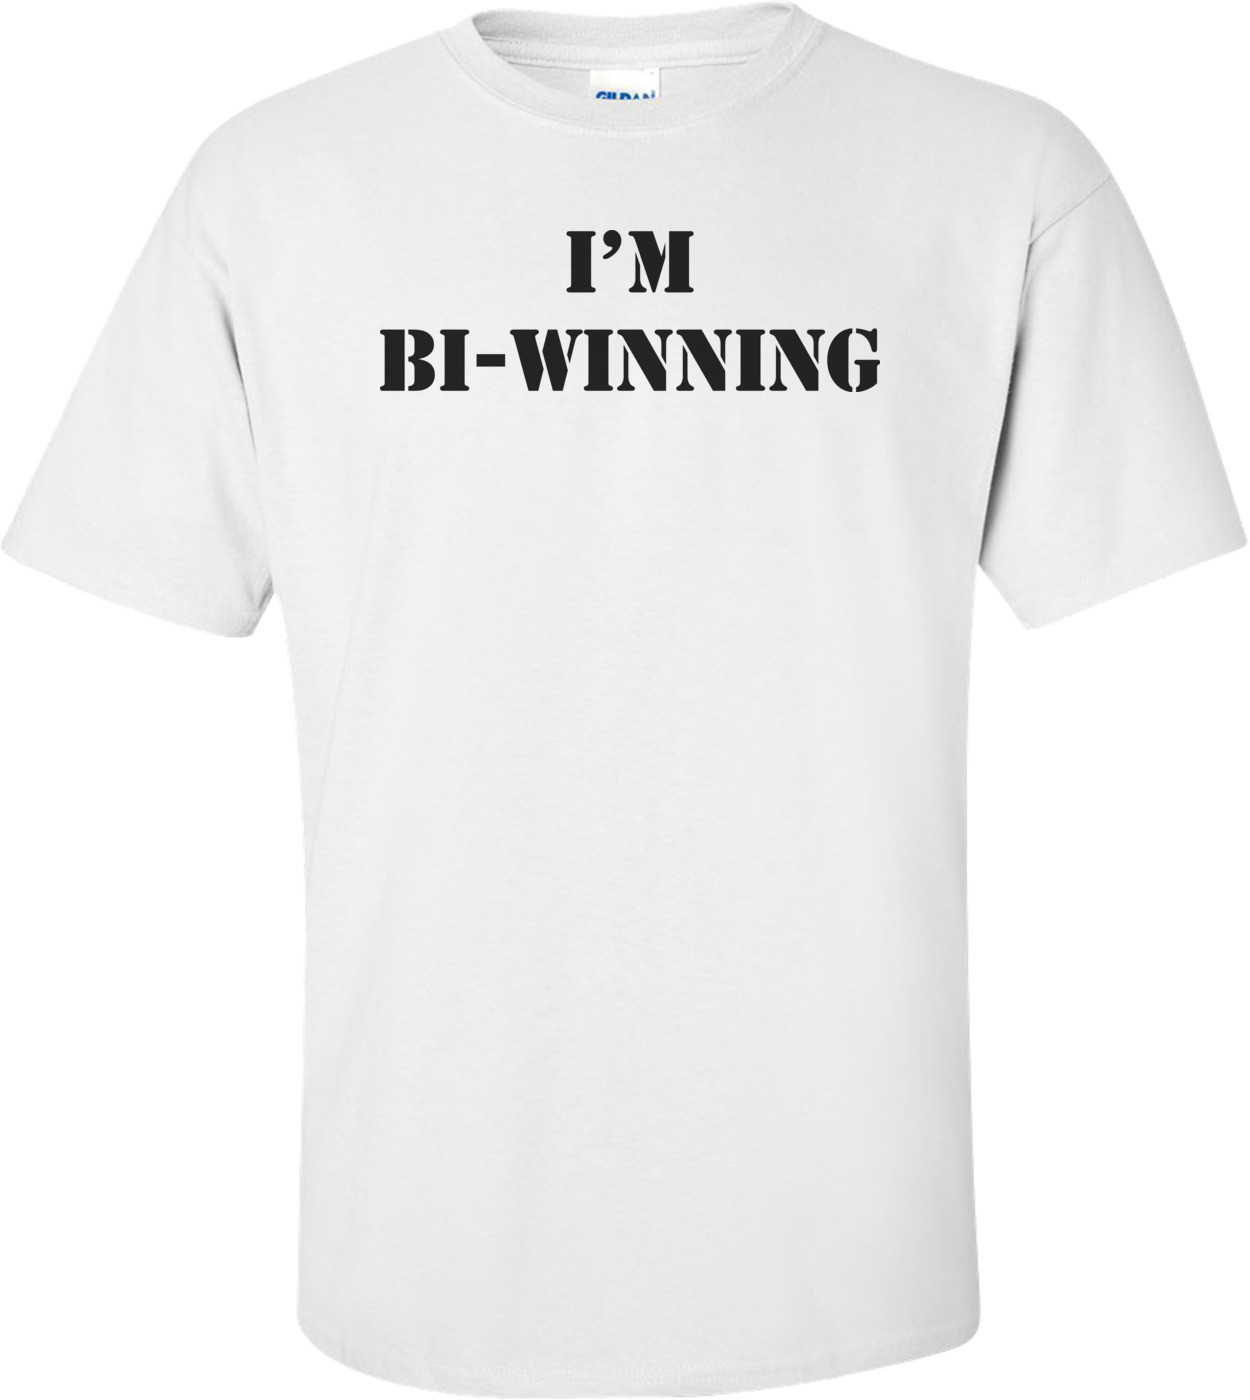 Charlie Sheen - I'm Bi-winning Shirt